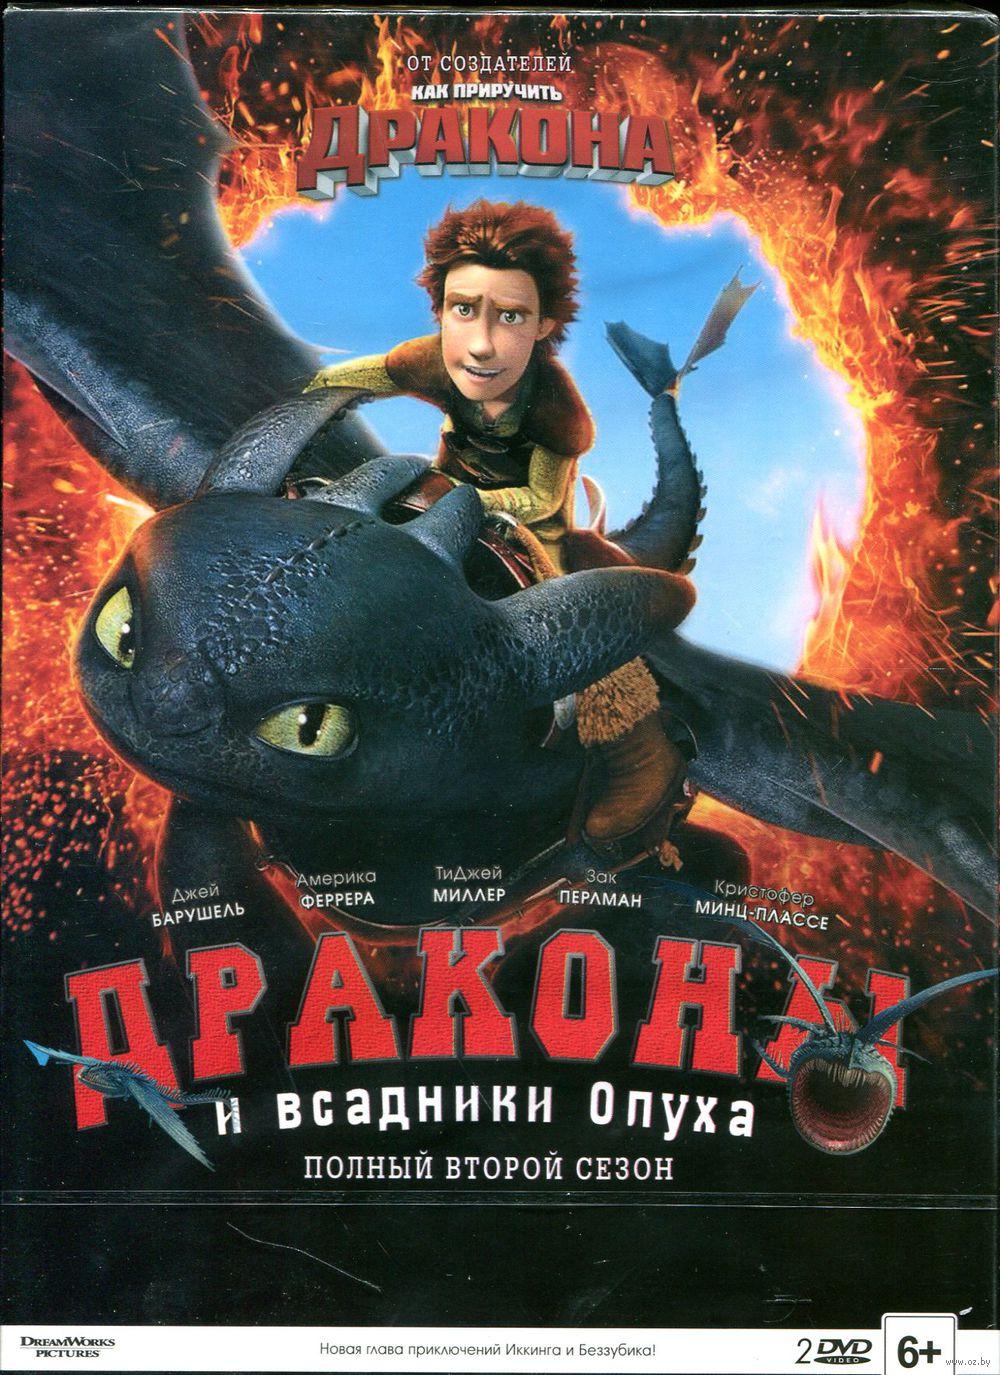 драконы и всадники олуха 2 сезон смотреть онлайн